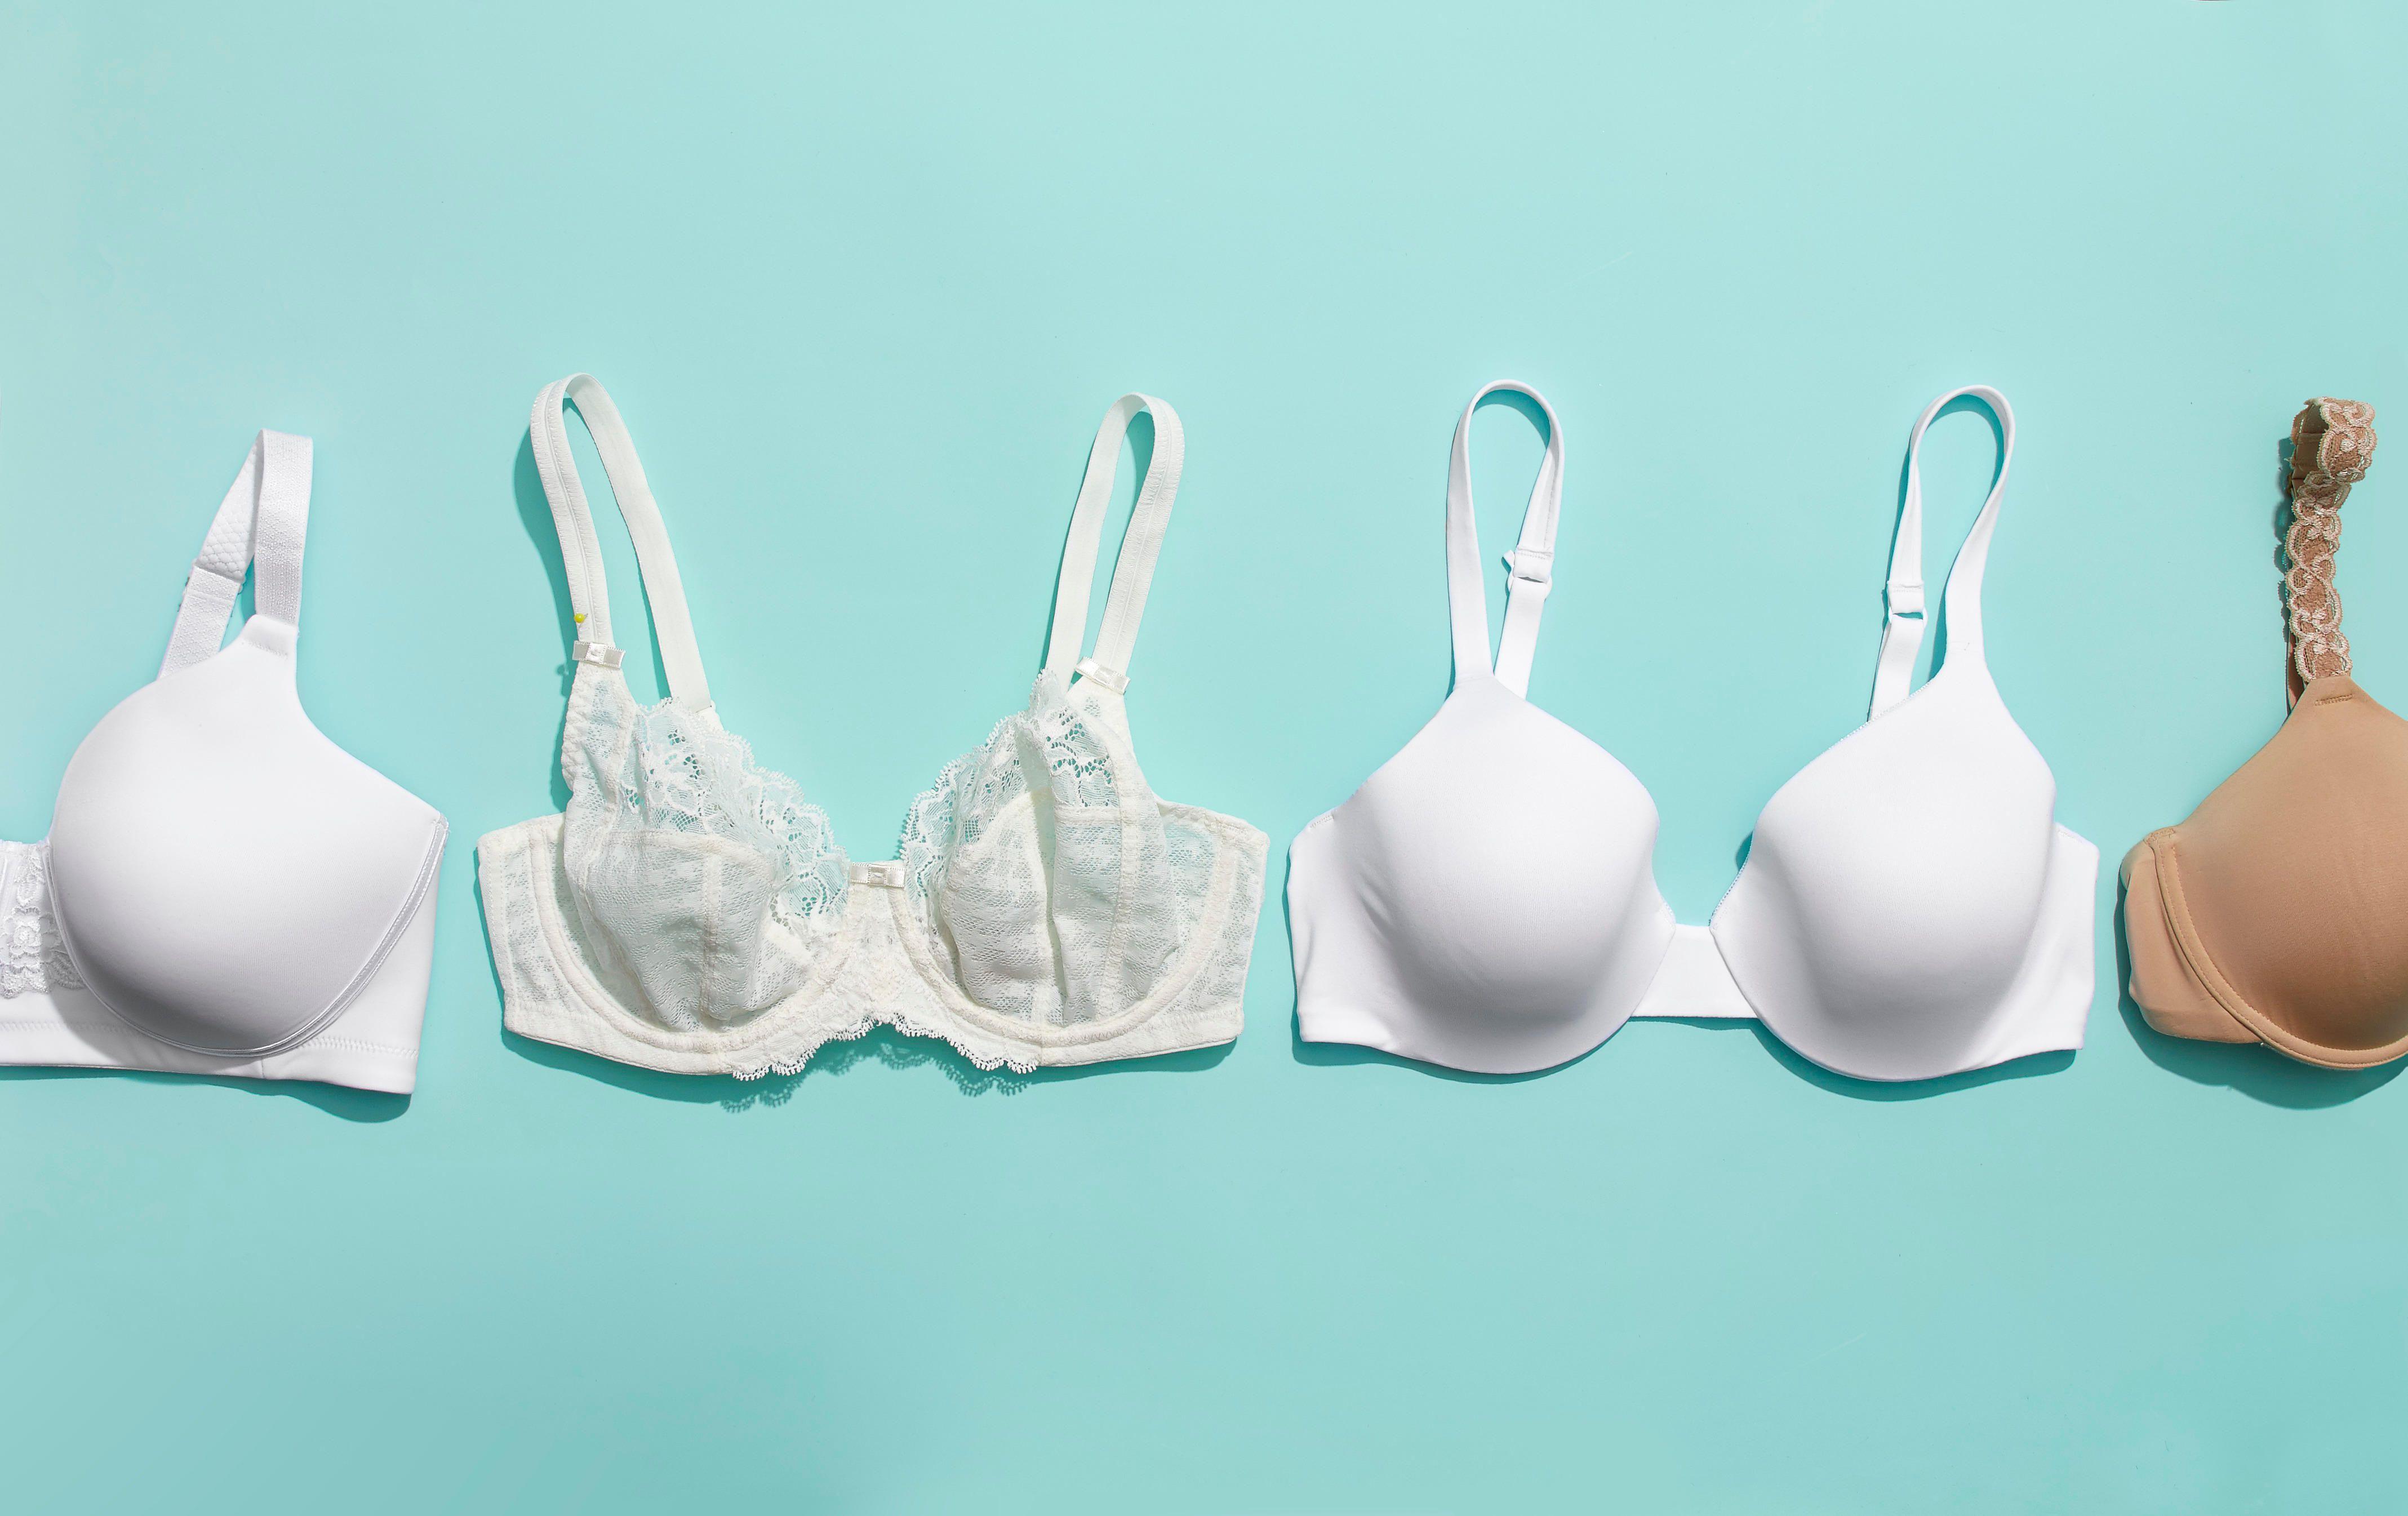 Ответы на 12 самых популярных вопросов о нижнем белье и выборе бюстгальтера